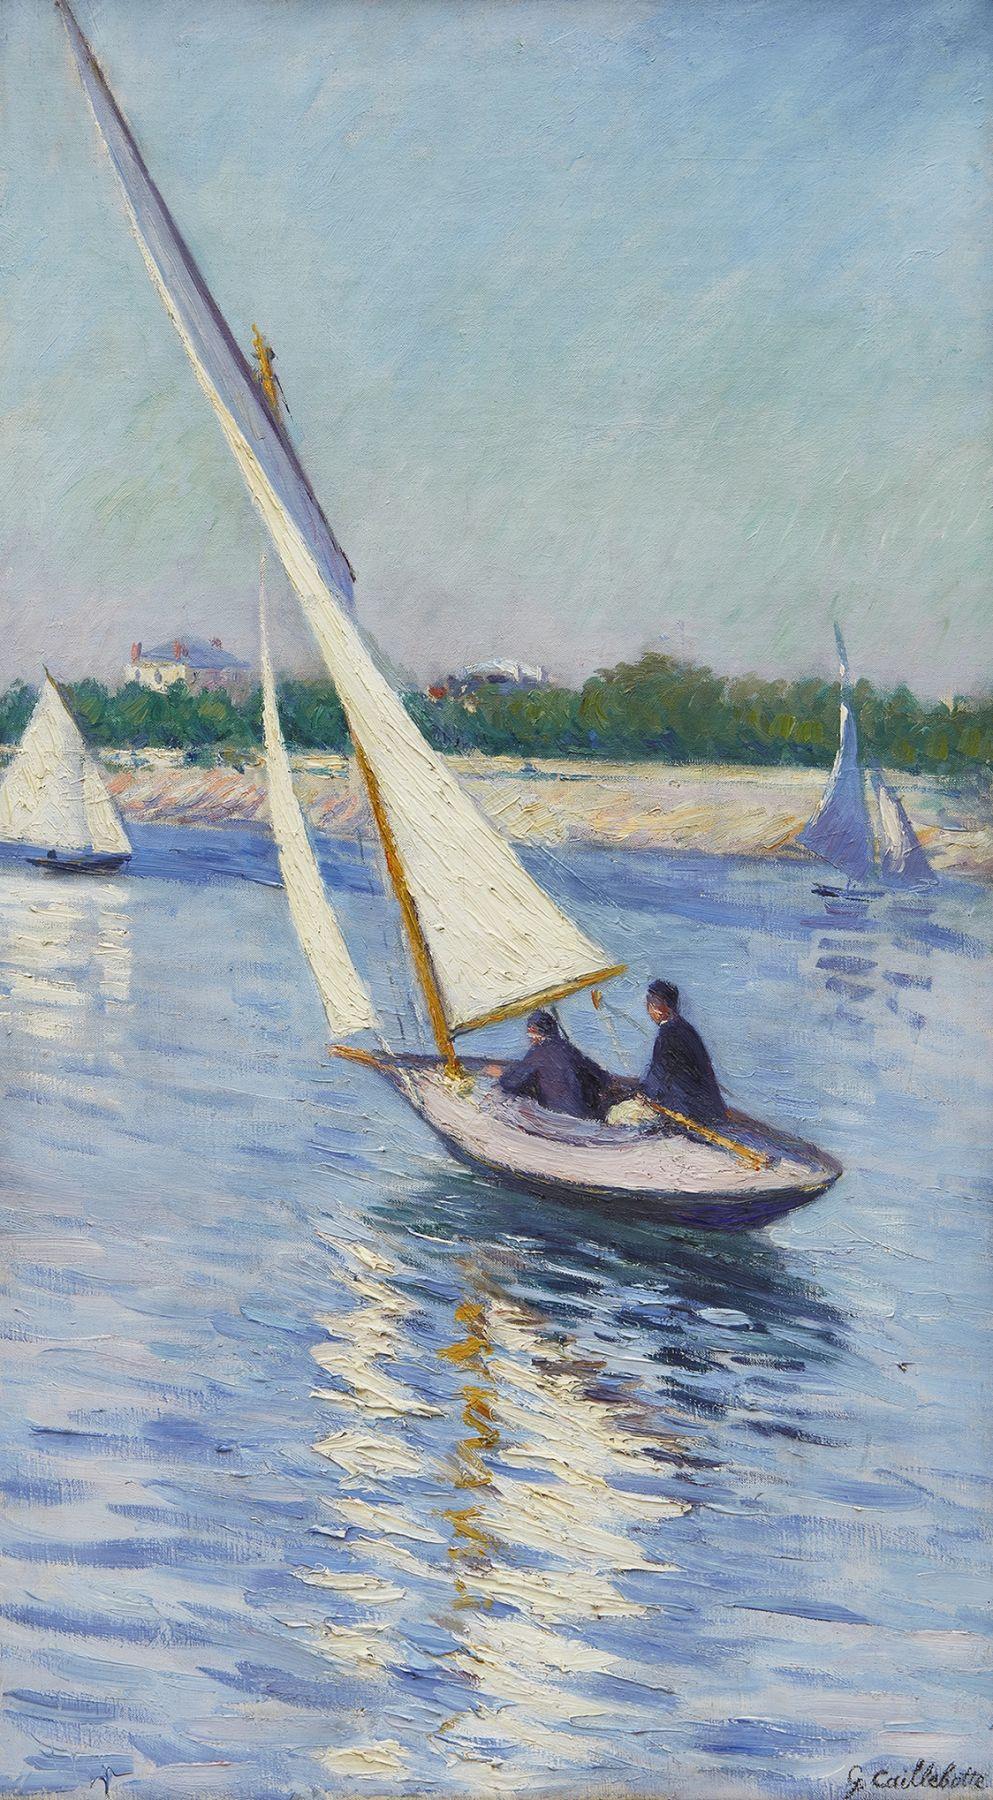 """Image of Gustave Caillebotte's """"Voiliers sur la Seine a Argenteuil"""""""